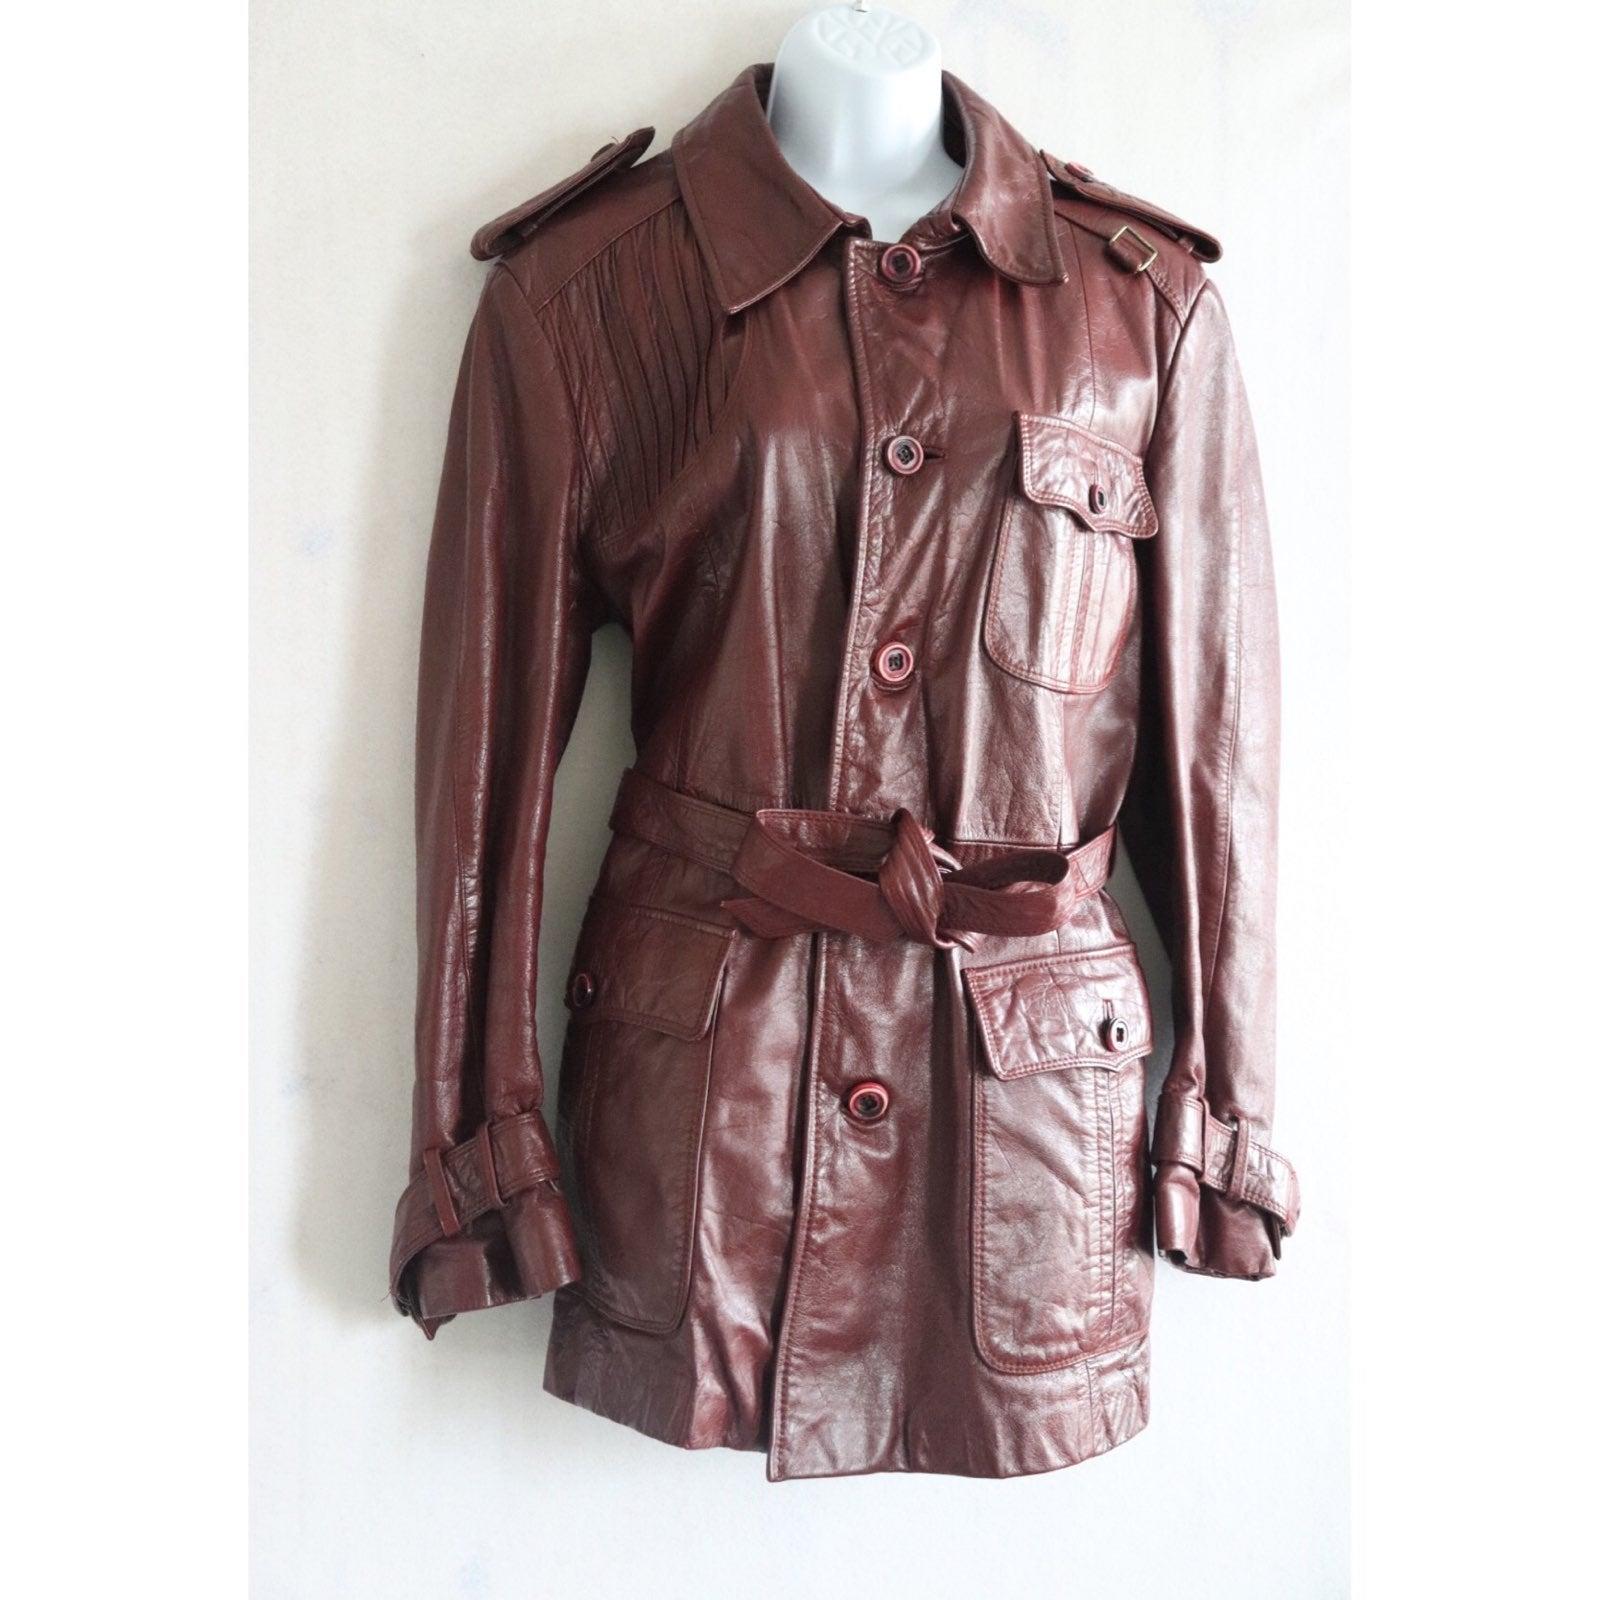 Vntg Etienne Aigner Leather Coat Sz 42